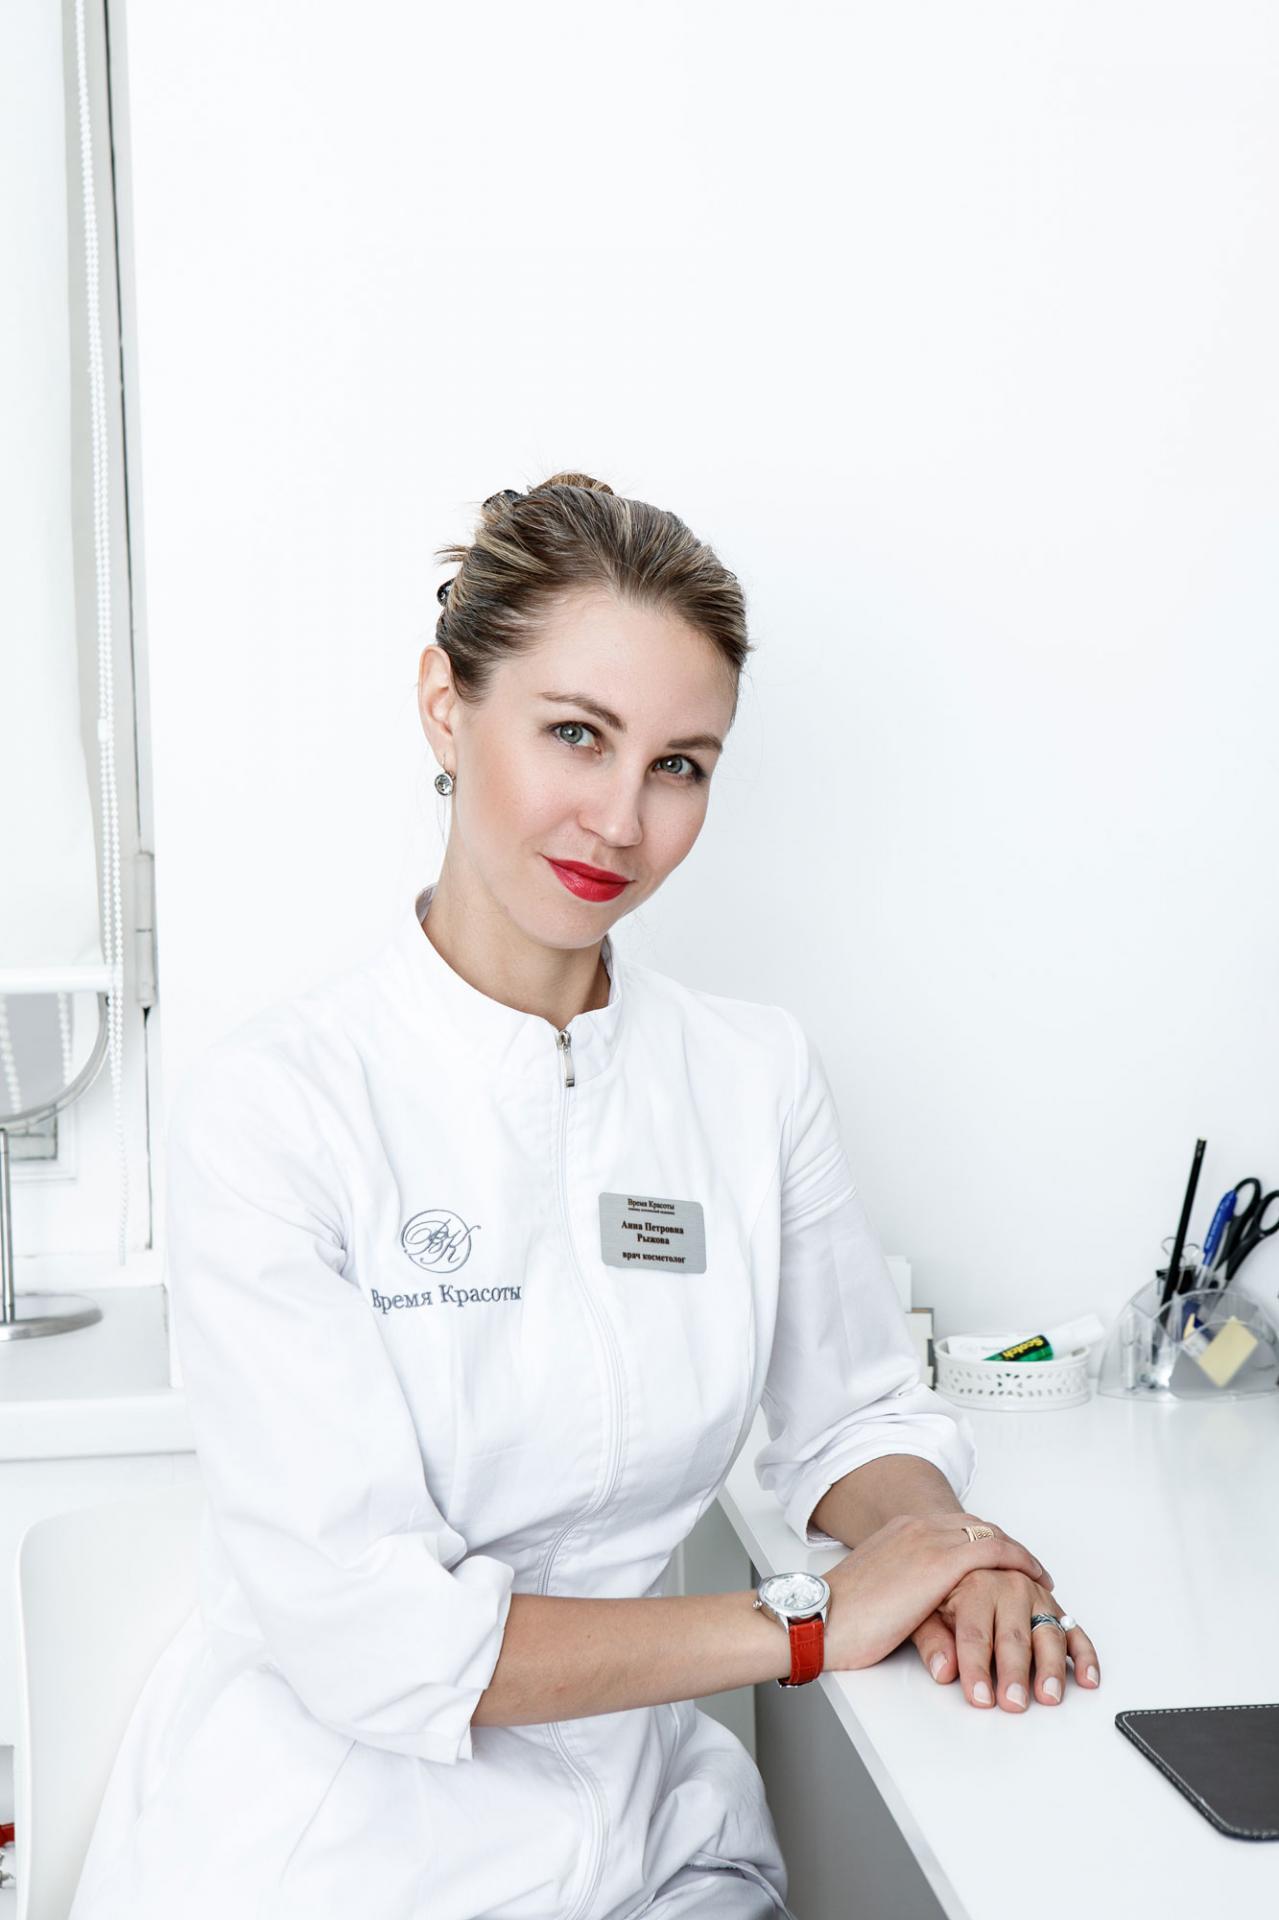 Тренды косметологии 2019